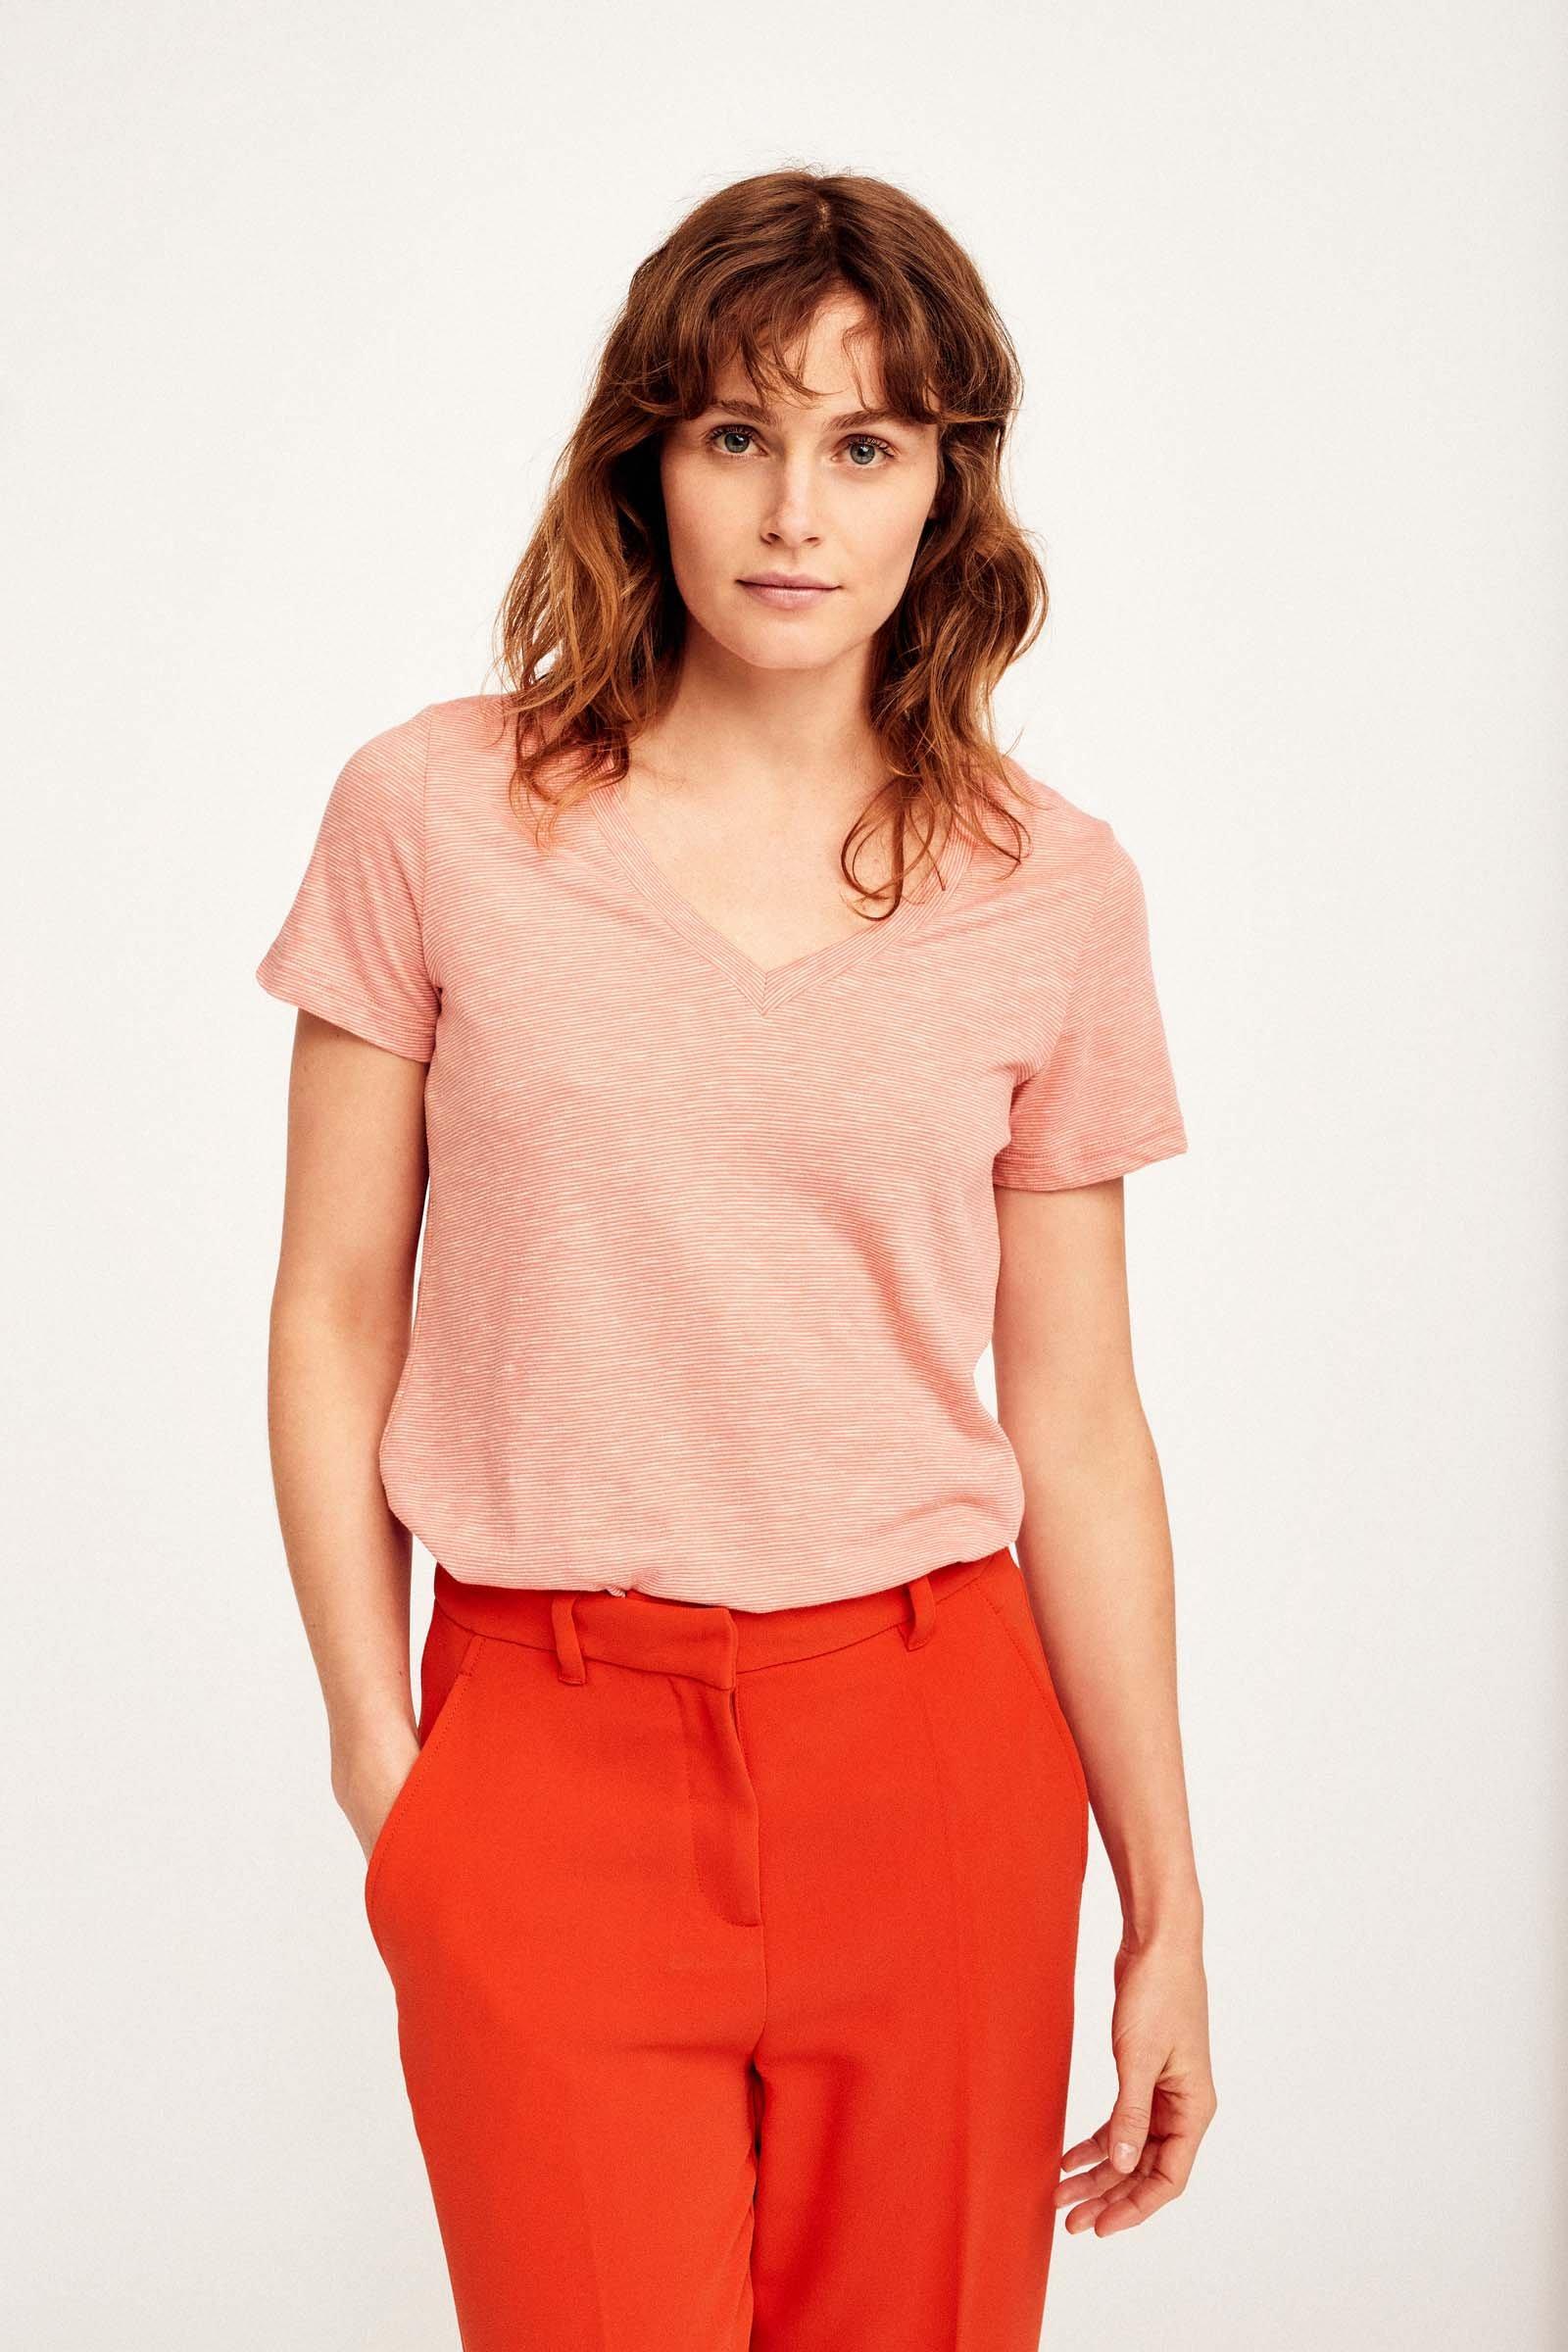 CKS Dames - NEBONY - t-shirt korte mouwen - oranje